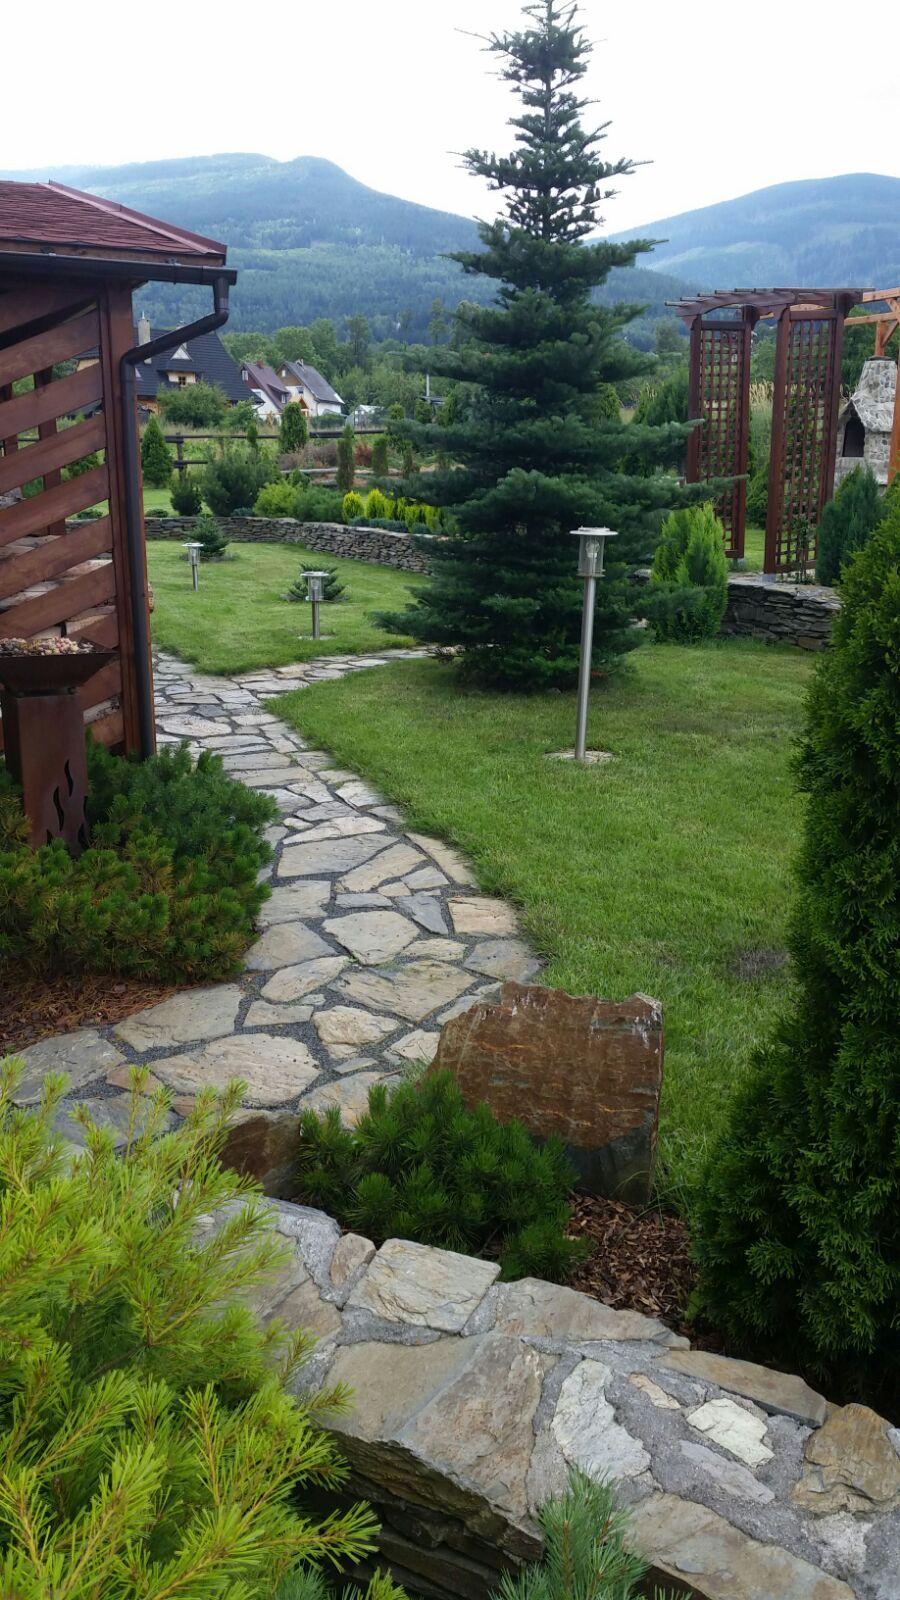 Wnajem domku Karpacz - Ściegny - ogród